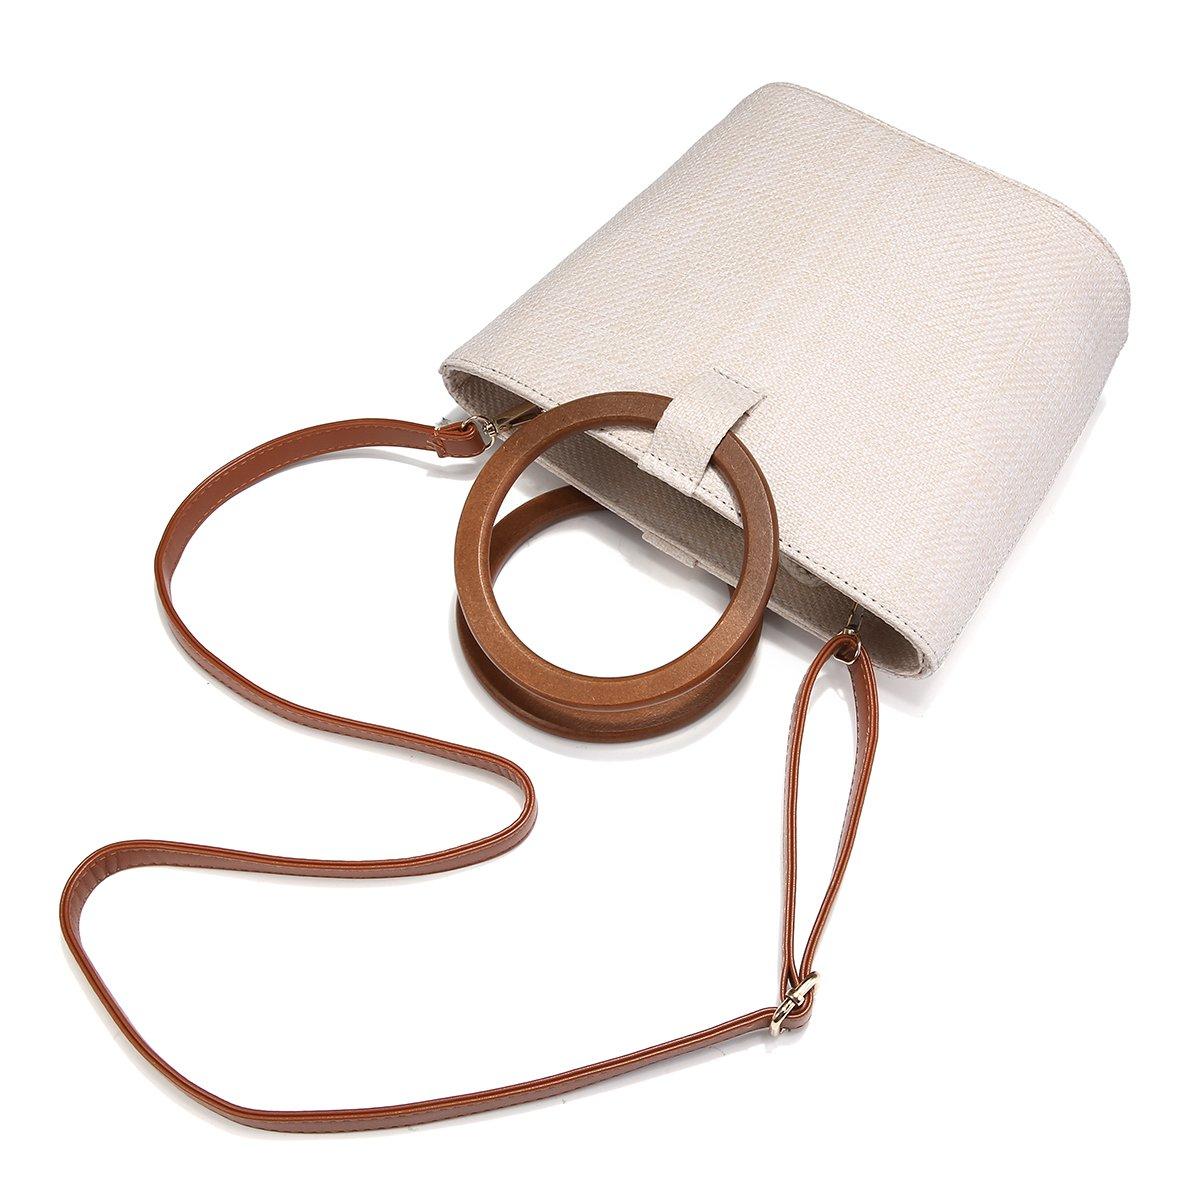 JOSEKO Strohhandtasche F/ür Damen Stroh Umh/ängetasche f/ür Strandreisen und Den T/äglichen Gebrauch Khaki